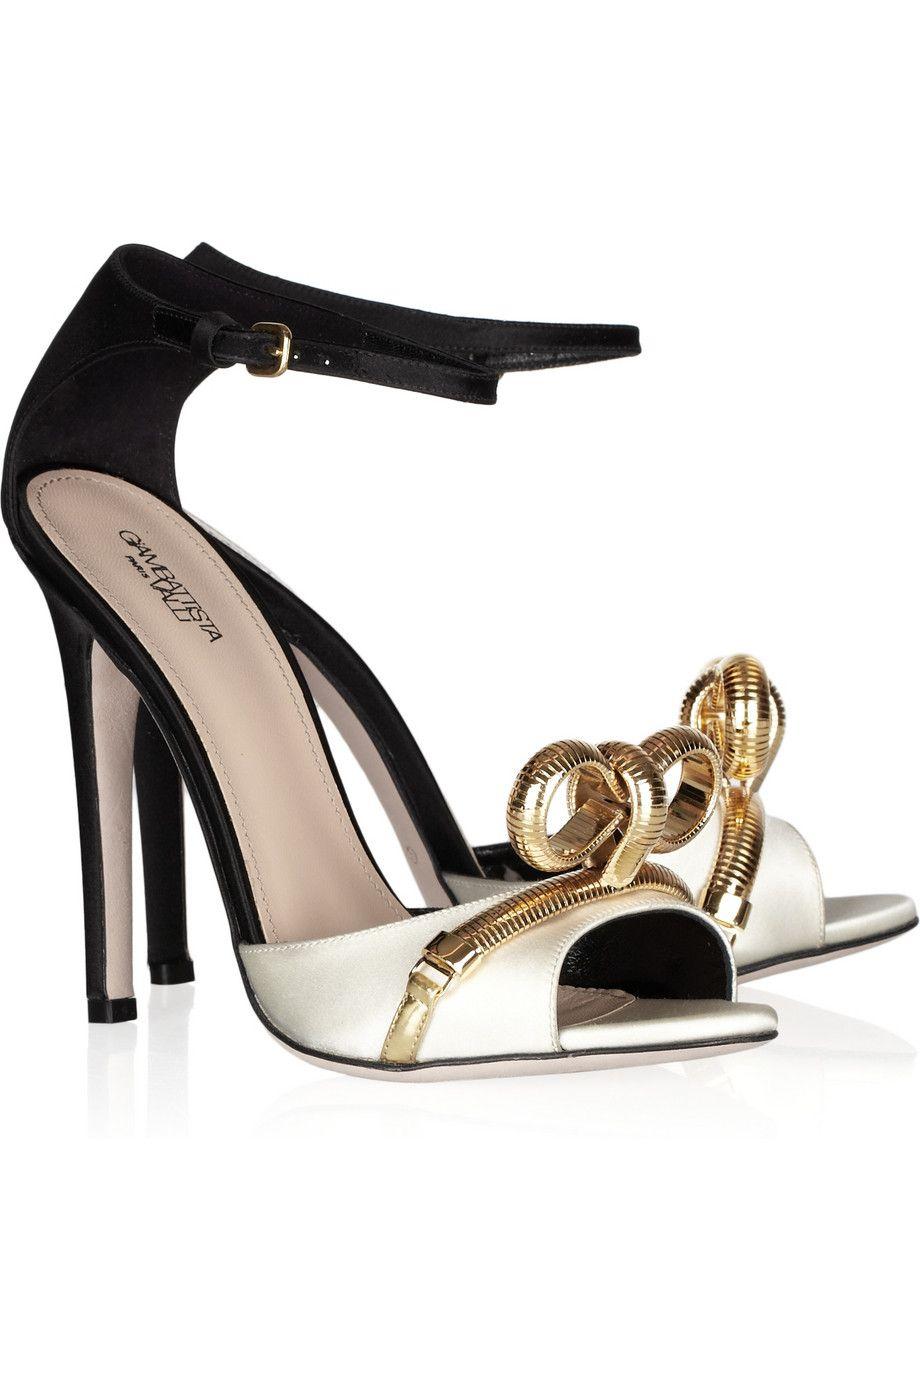 Giambattista Valli Chain Bow Two-tone Satin Sandals